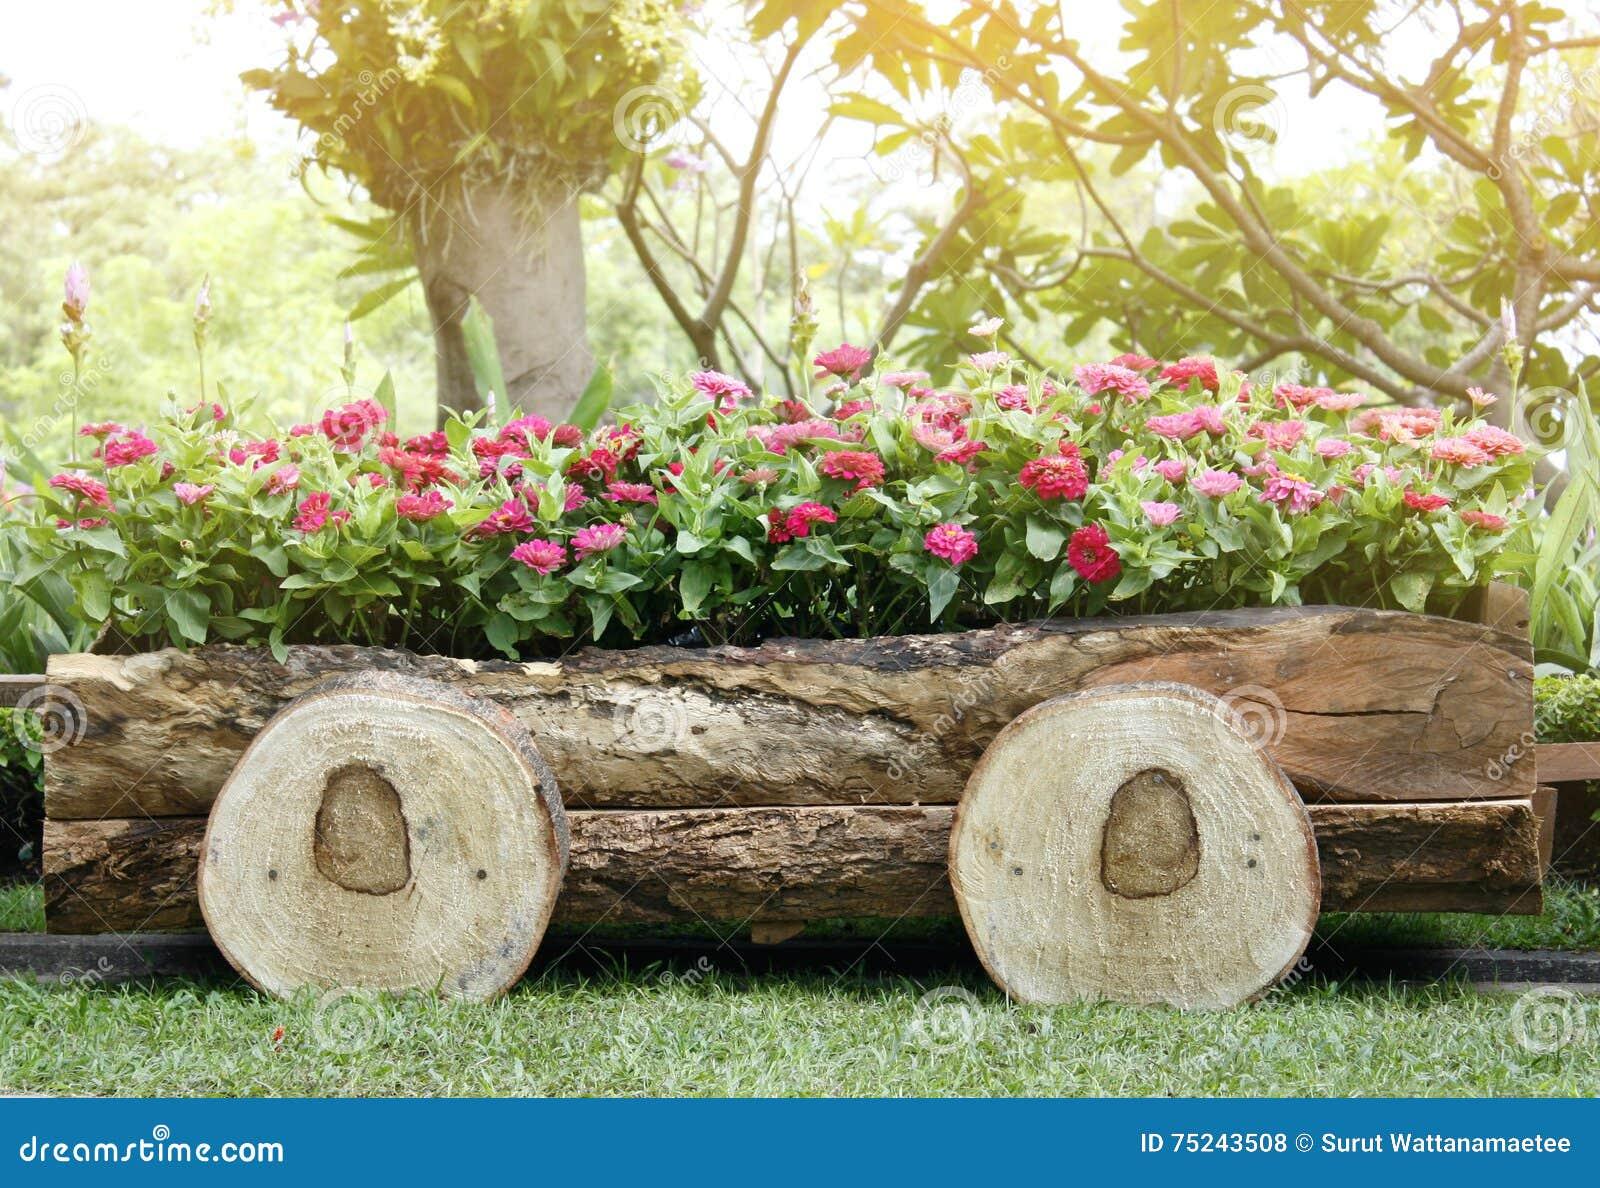 Blumen In Den Töpfen In Der Holzkiste Auf Garten Stockfoto Bild